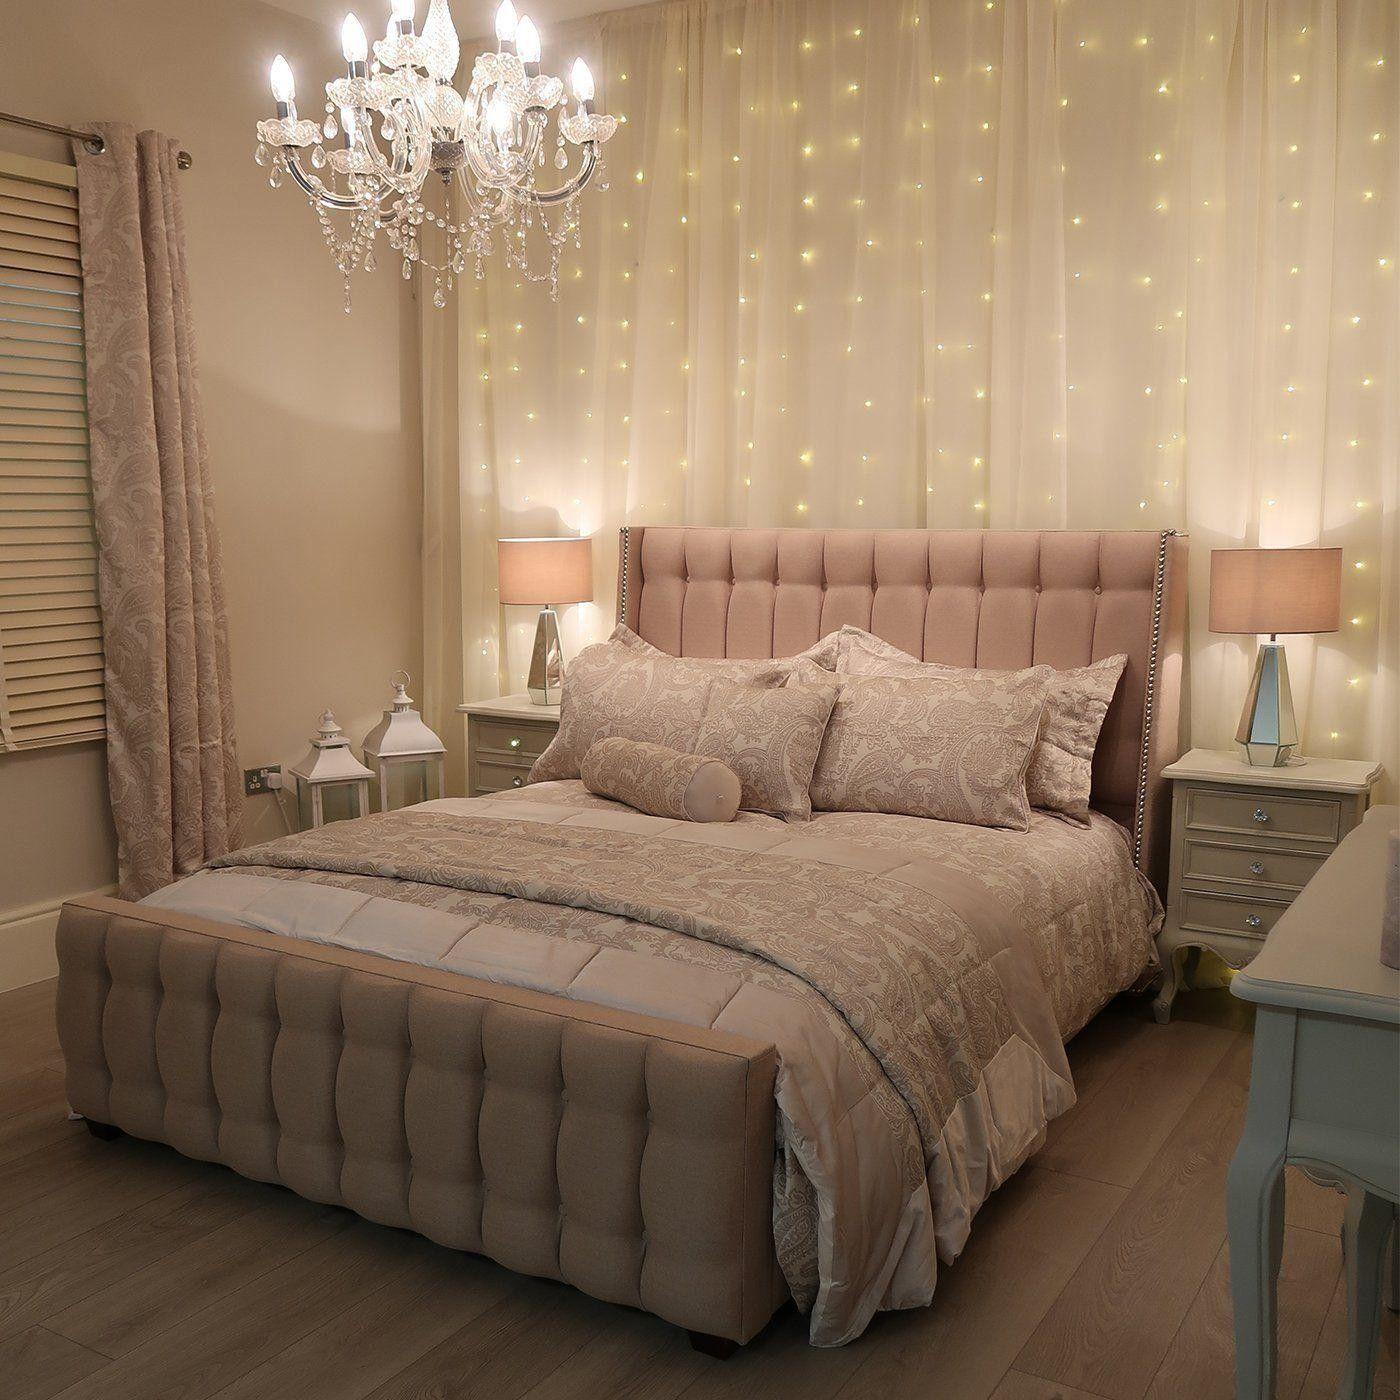 Wohndesign für 3 schlafzimmer  inspirierende weiß schlafzimmer akzente  wenn sie ihr